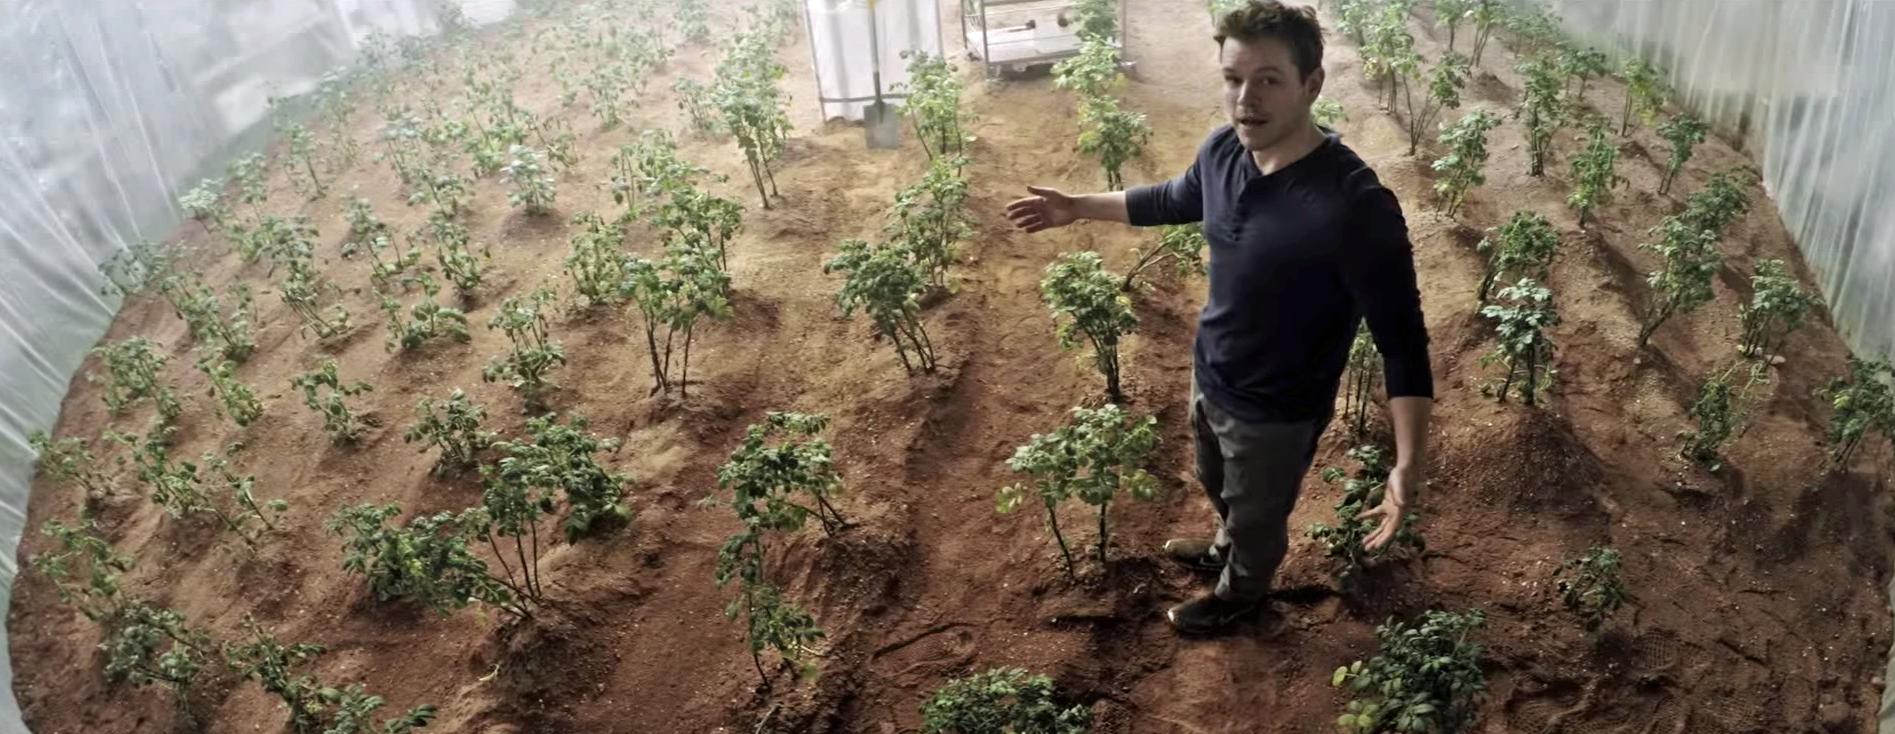 Марсианин (The Martian) 2015